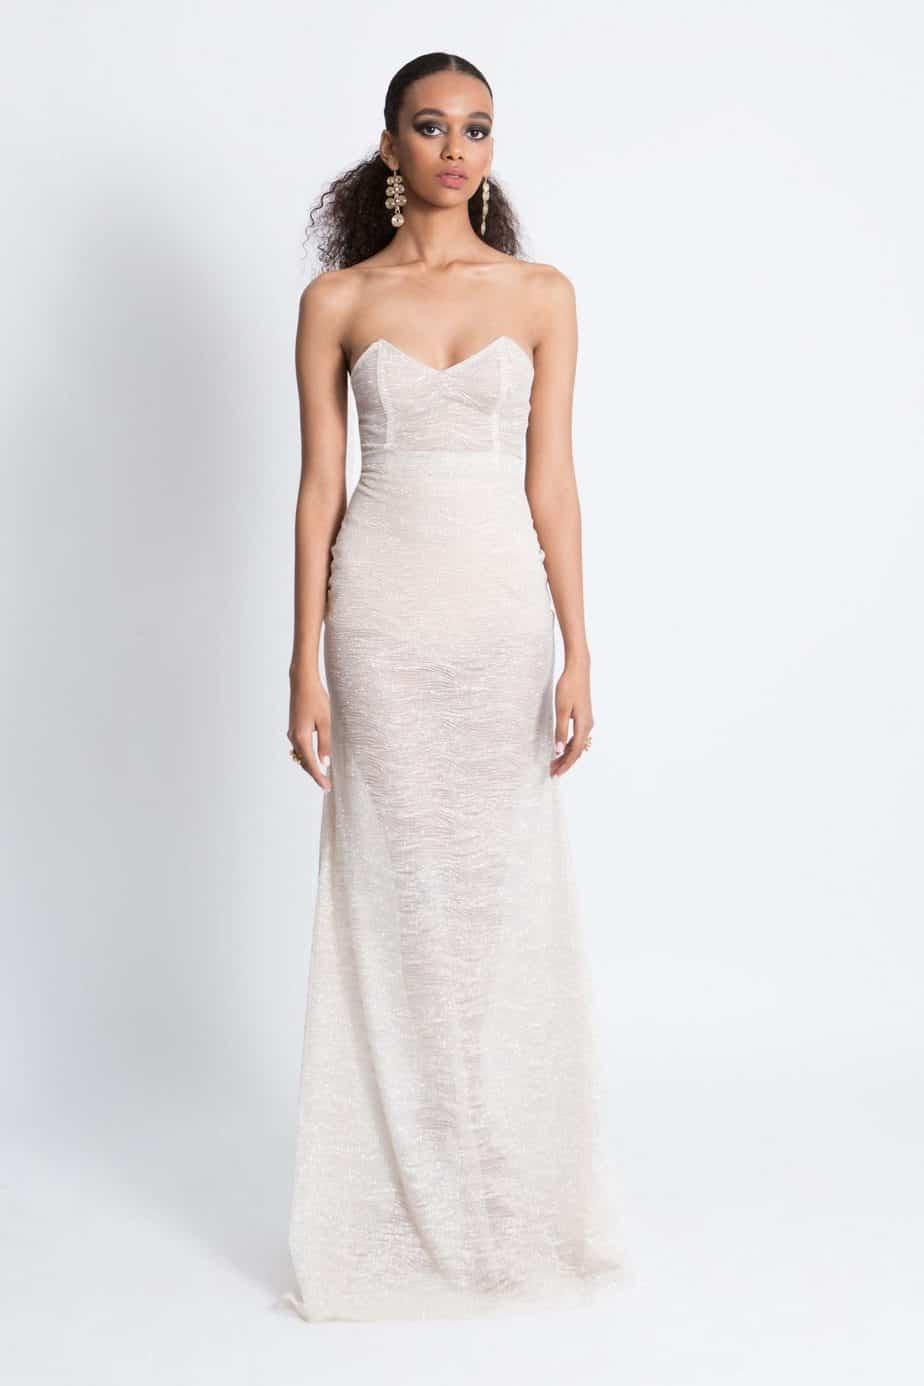 שמלה של רז אלנתן, צילום יח״צ - 9